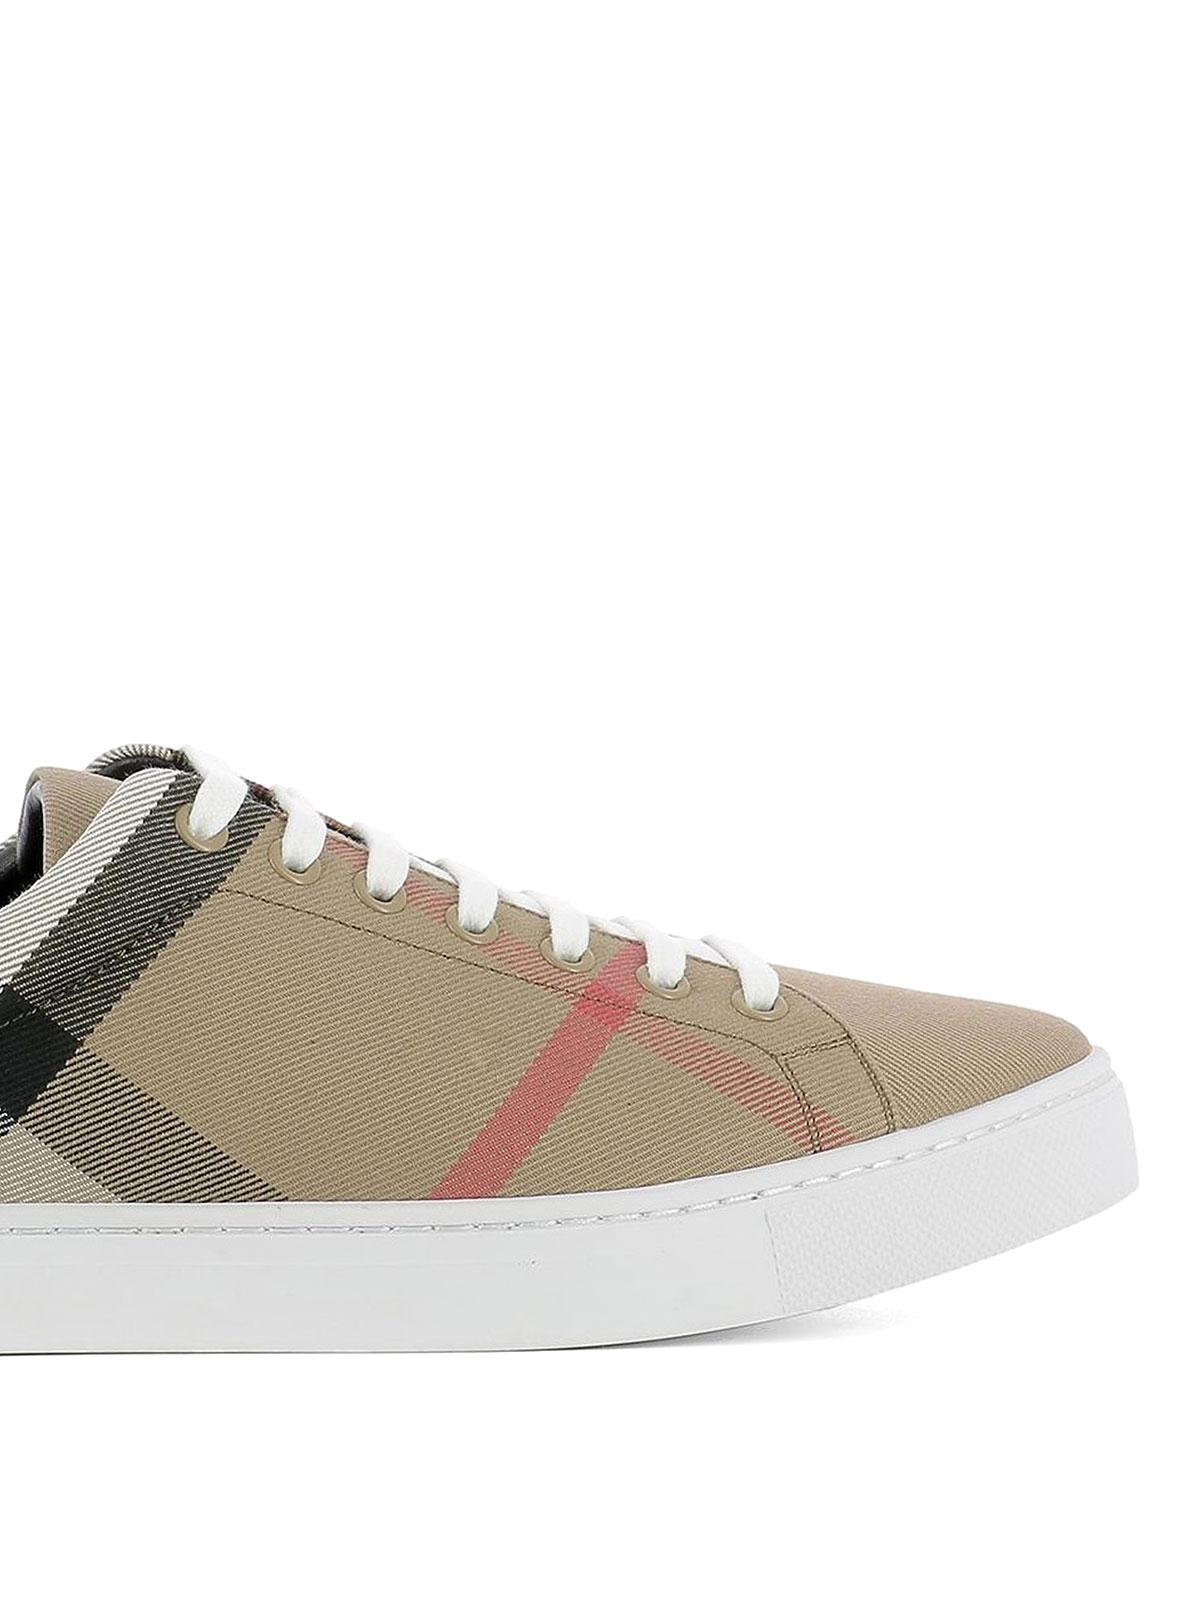 Sneaker von BURBERRY für Männer günstig online kaufen bei